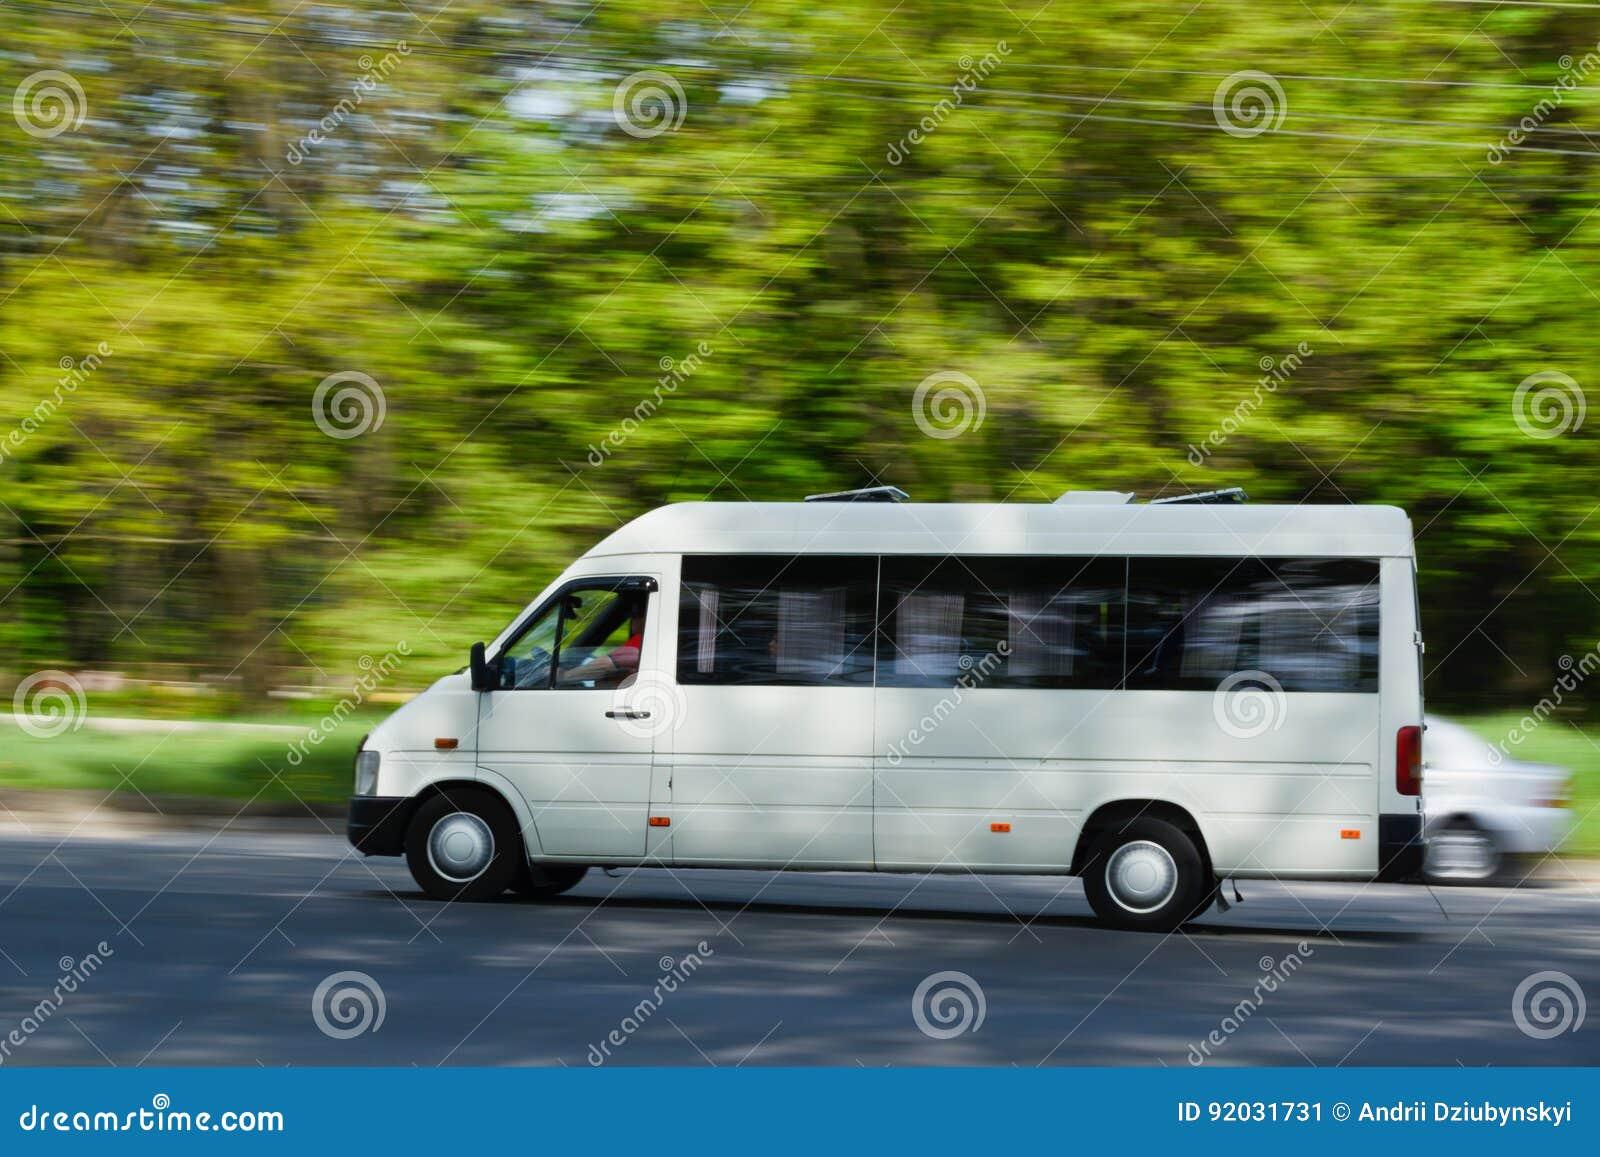 Pasażerski samochód dostawczy w ruchu